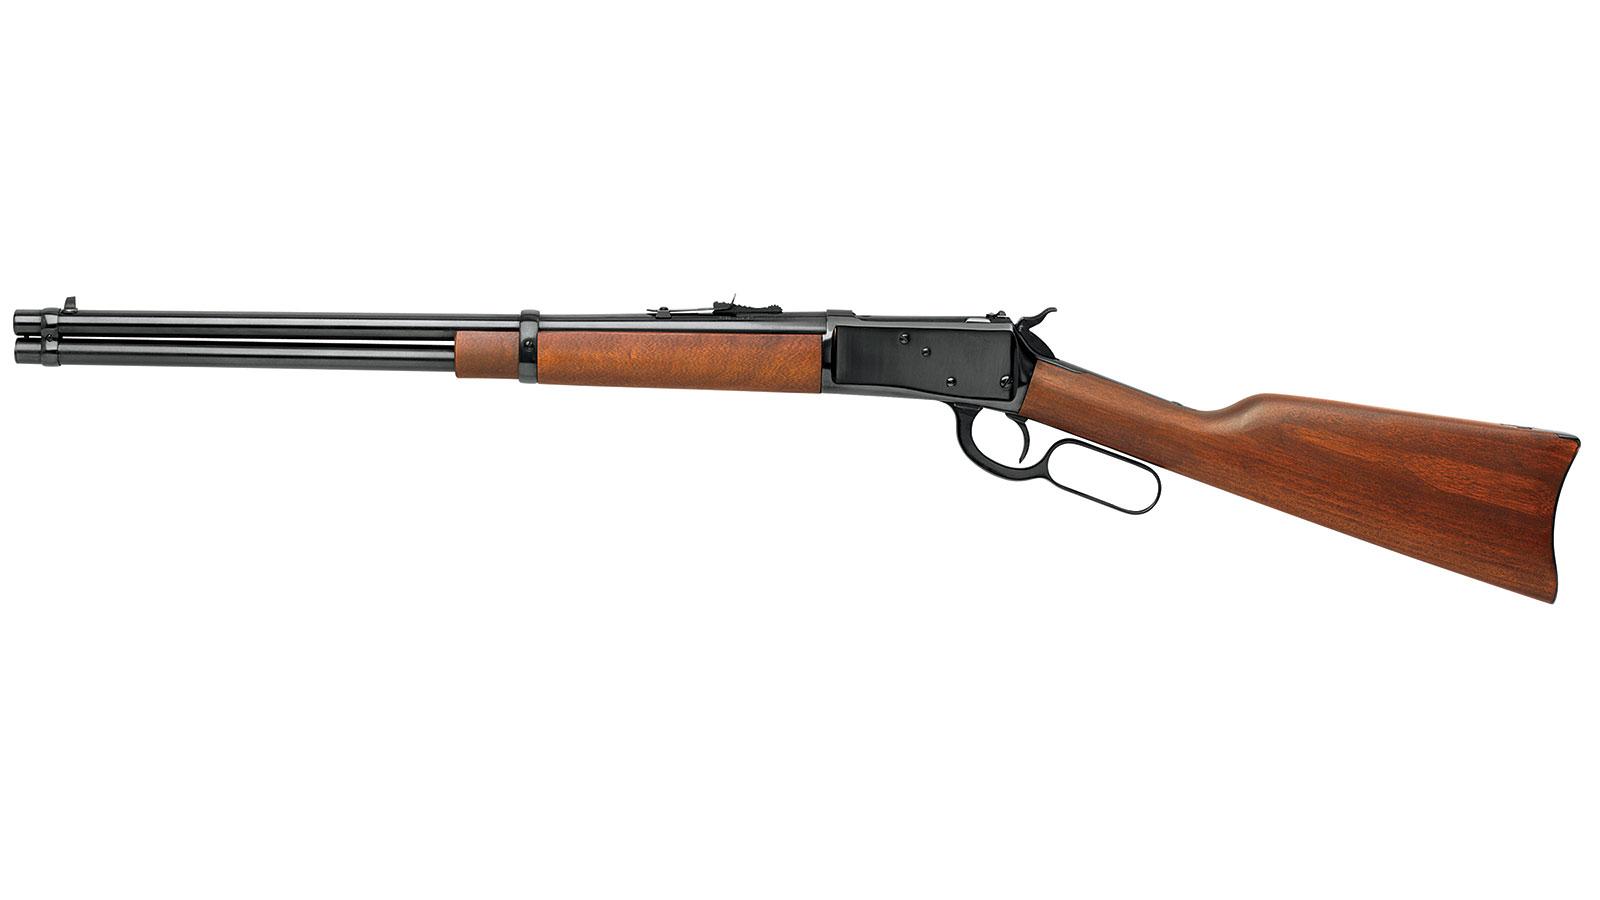 Rossi 920451613 R92 Lever Action Carbine Lever 45 Colt (LC) 16 8+1 Brazillian Hardwood Stk Polished Black in.